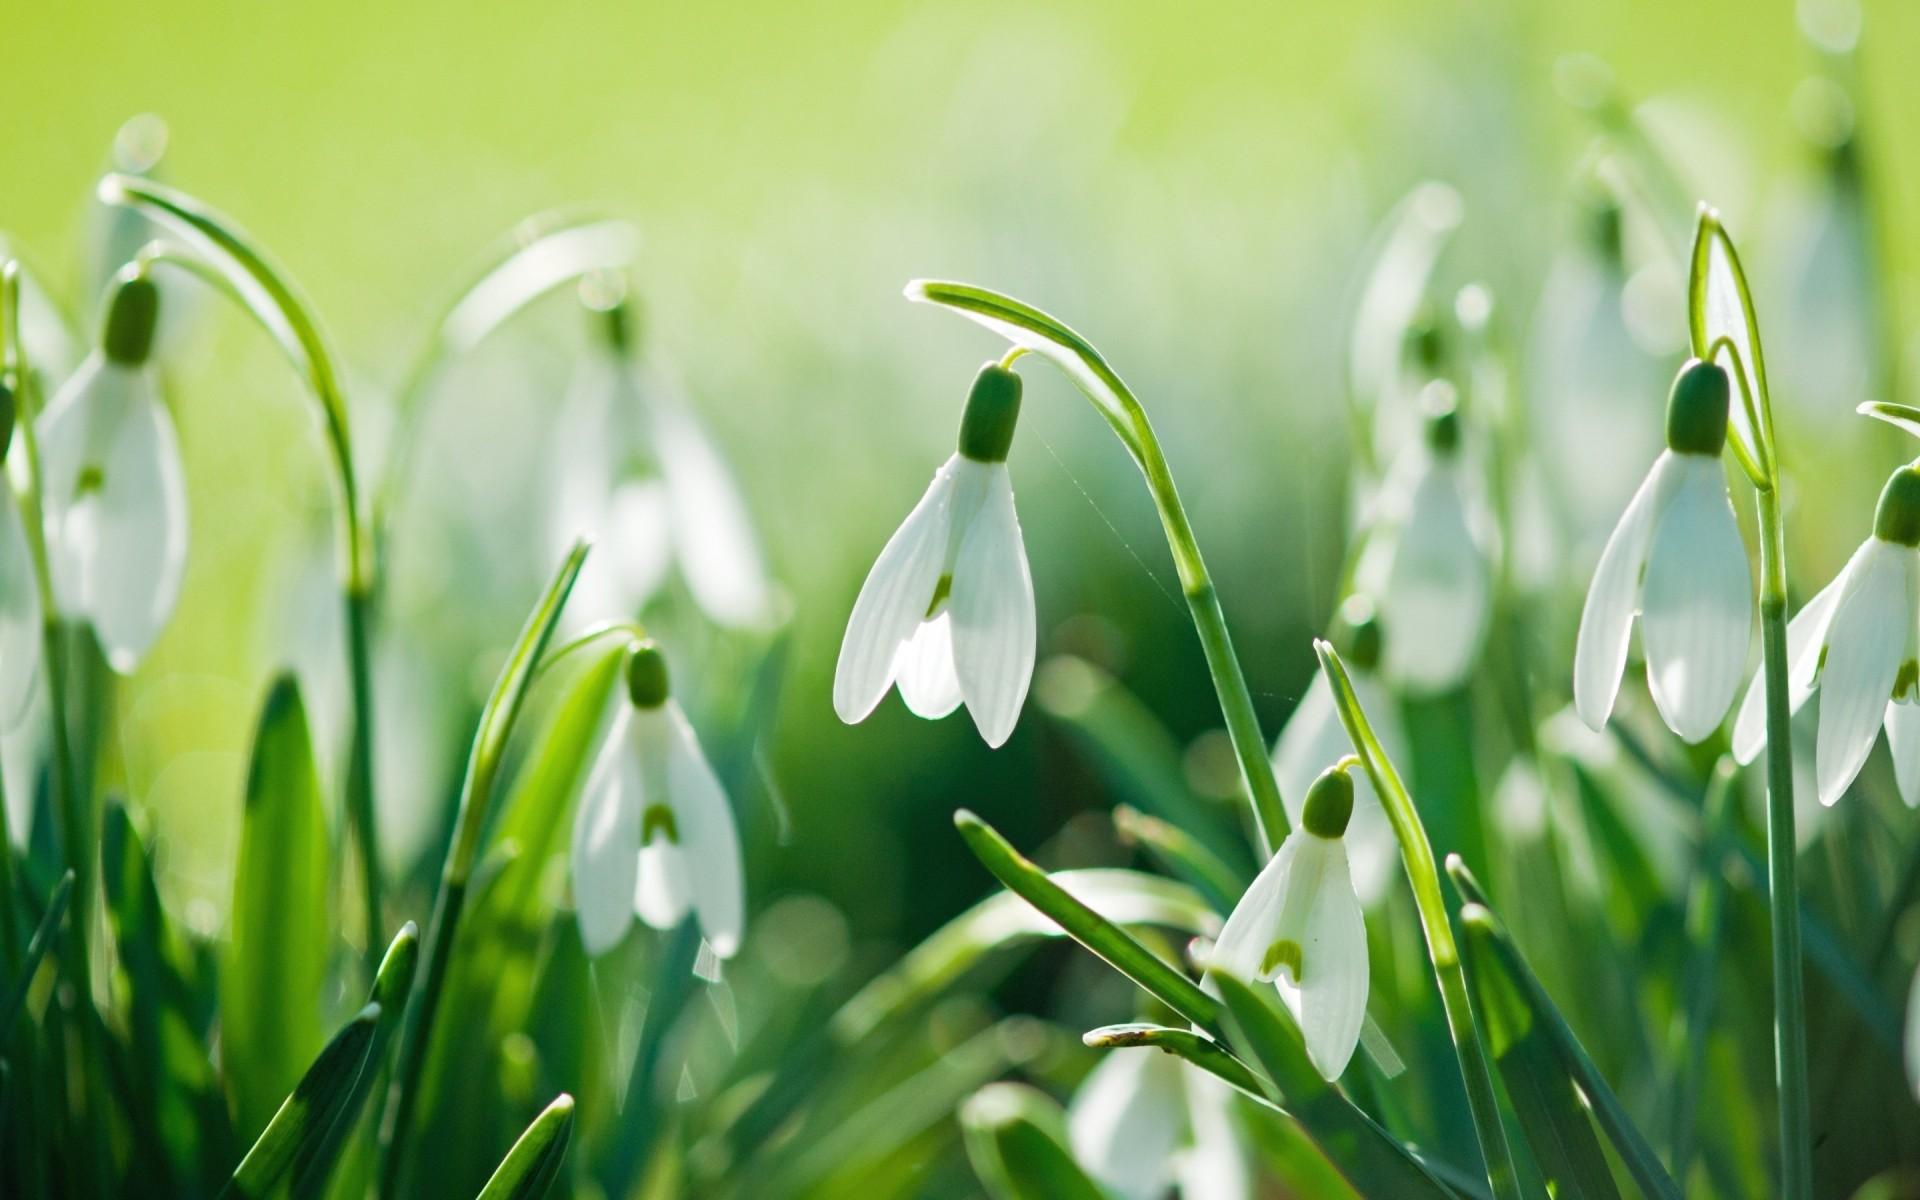 Картинки о природе весна красивые